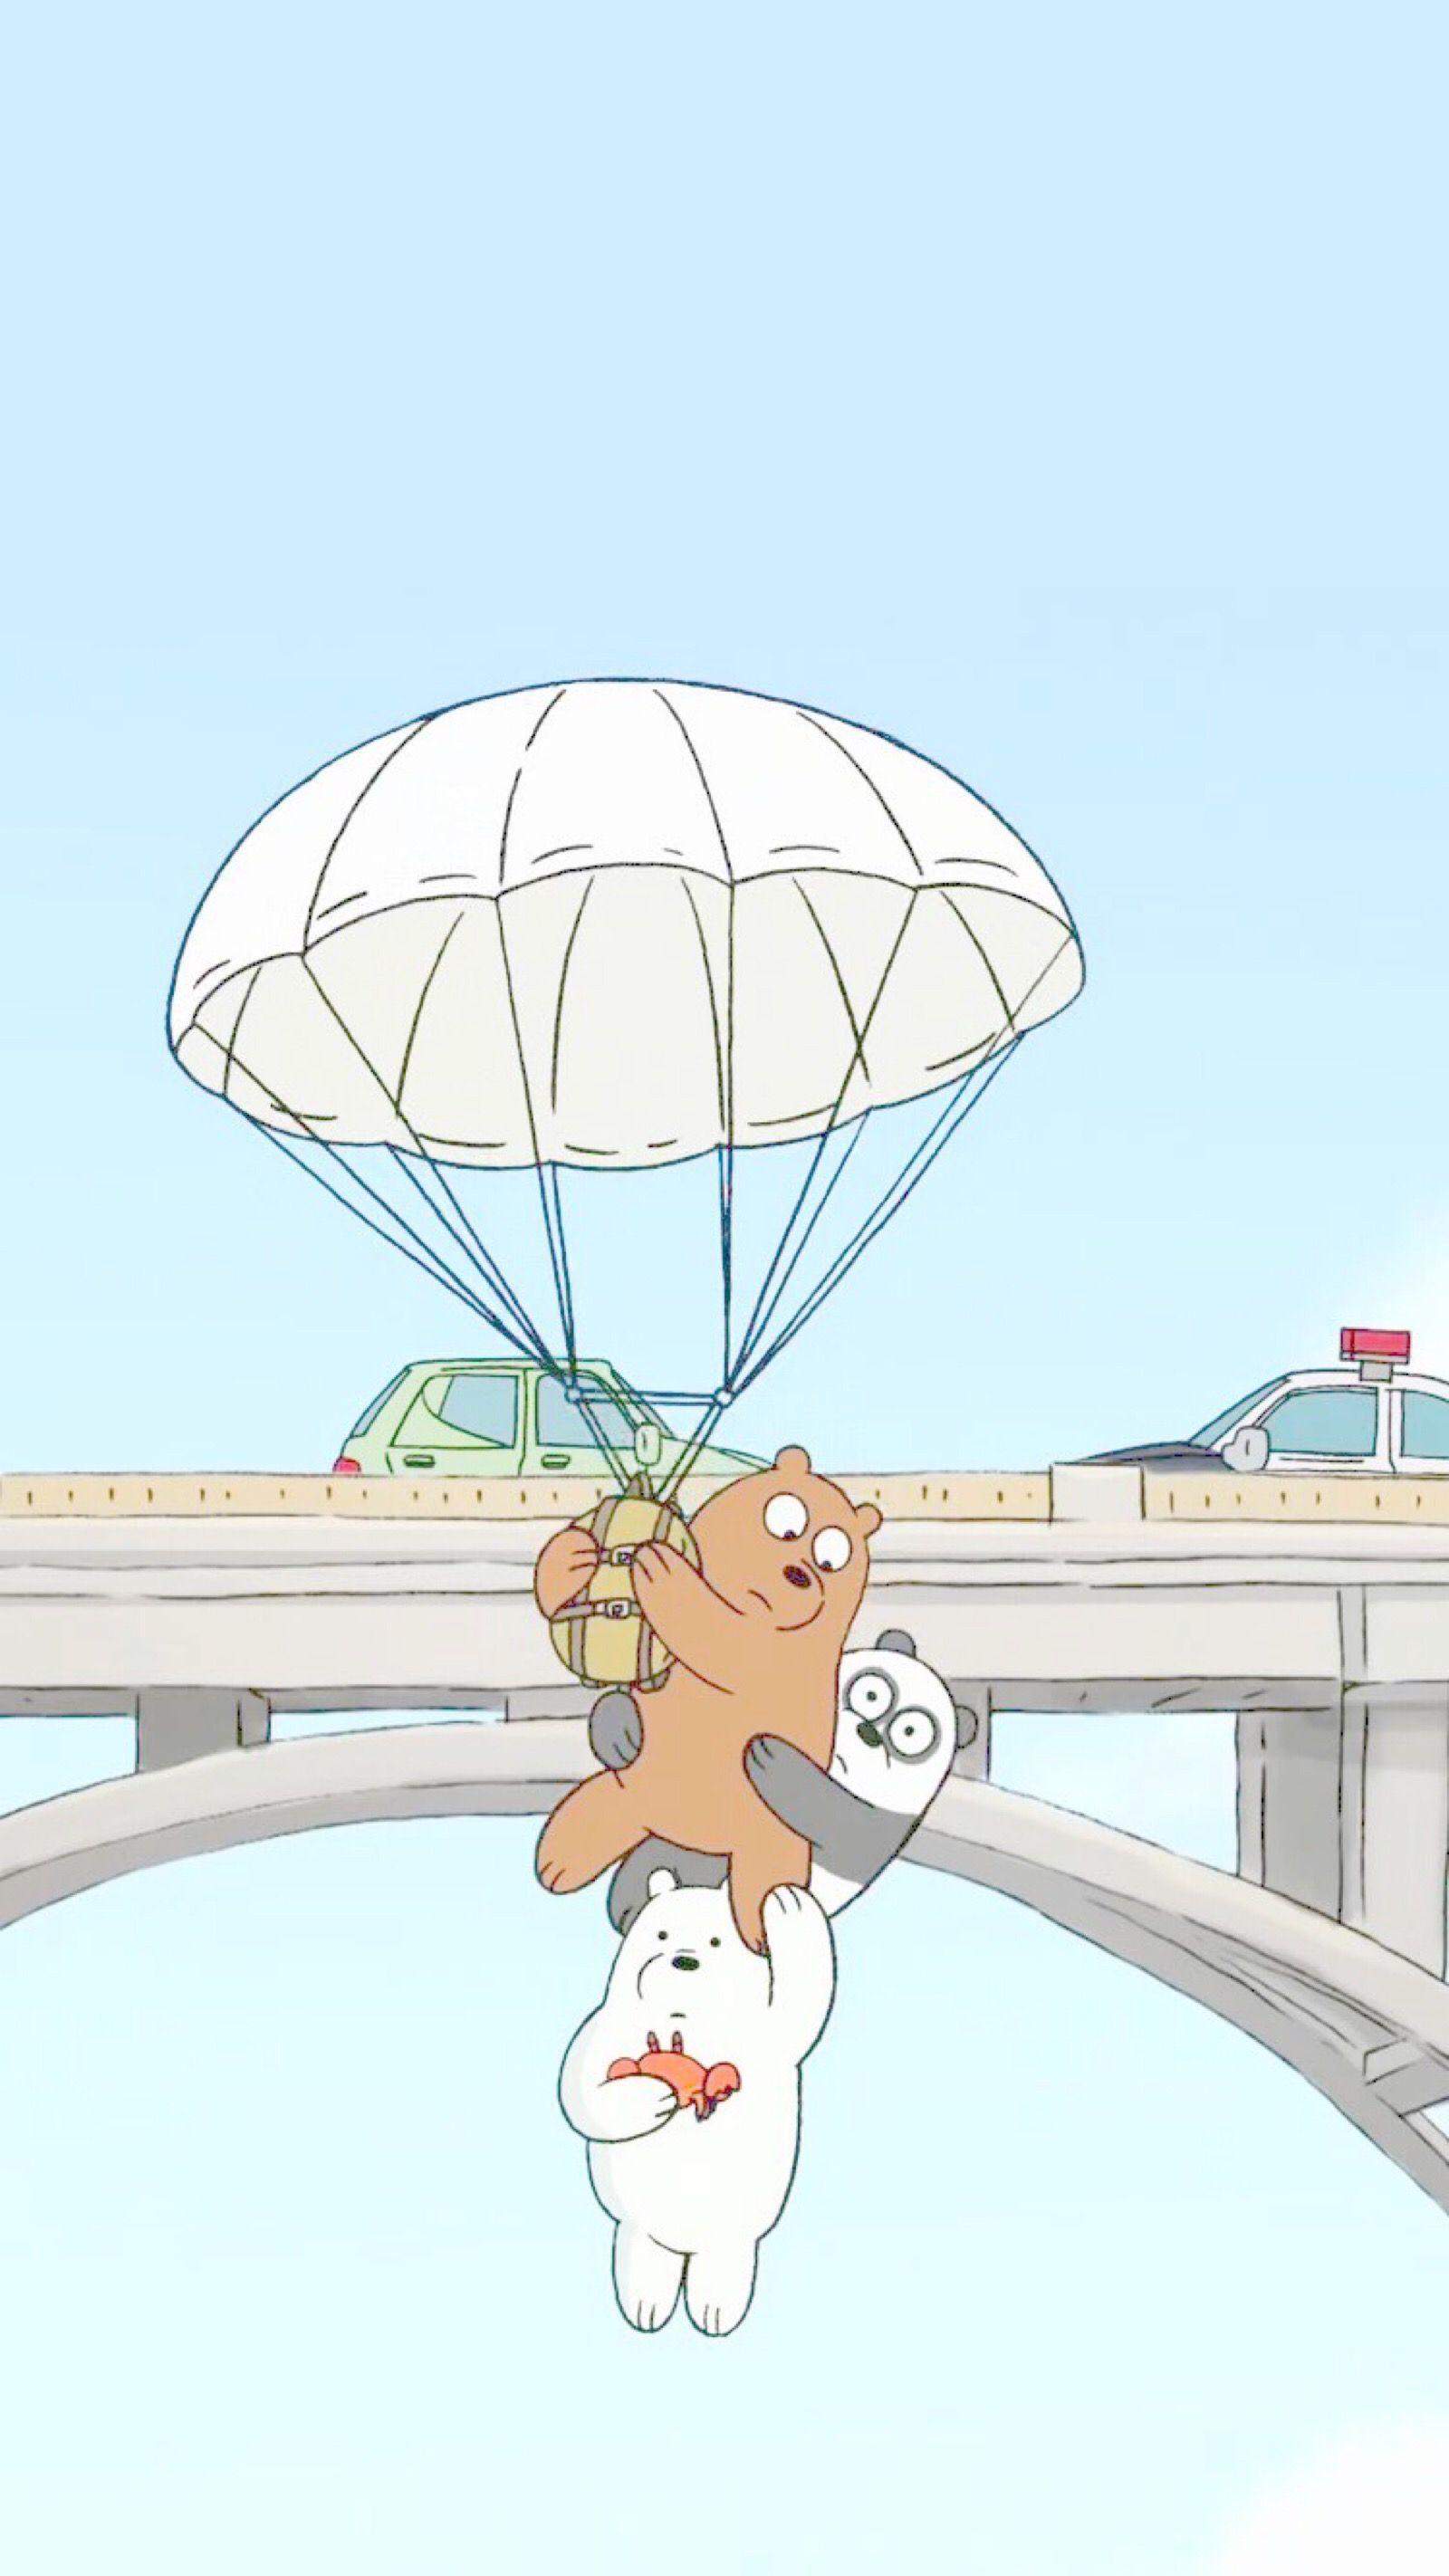 Pin oleh Fadila Dewi di anime Kartun, Hewan lucu, Hewan